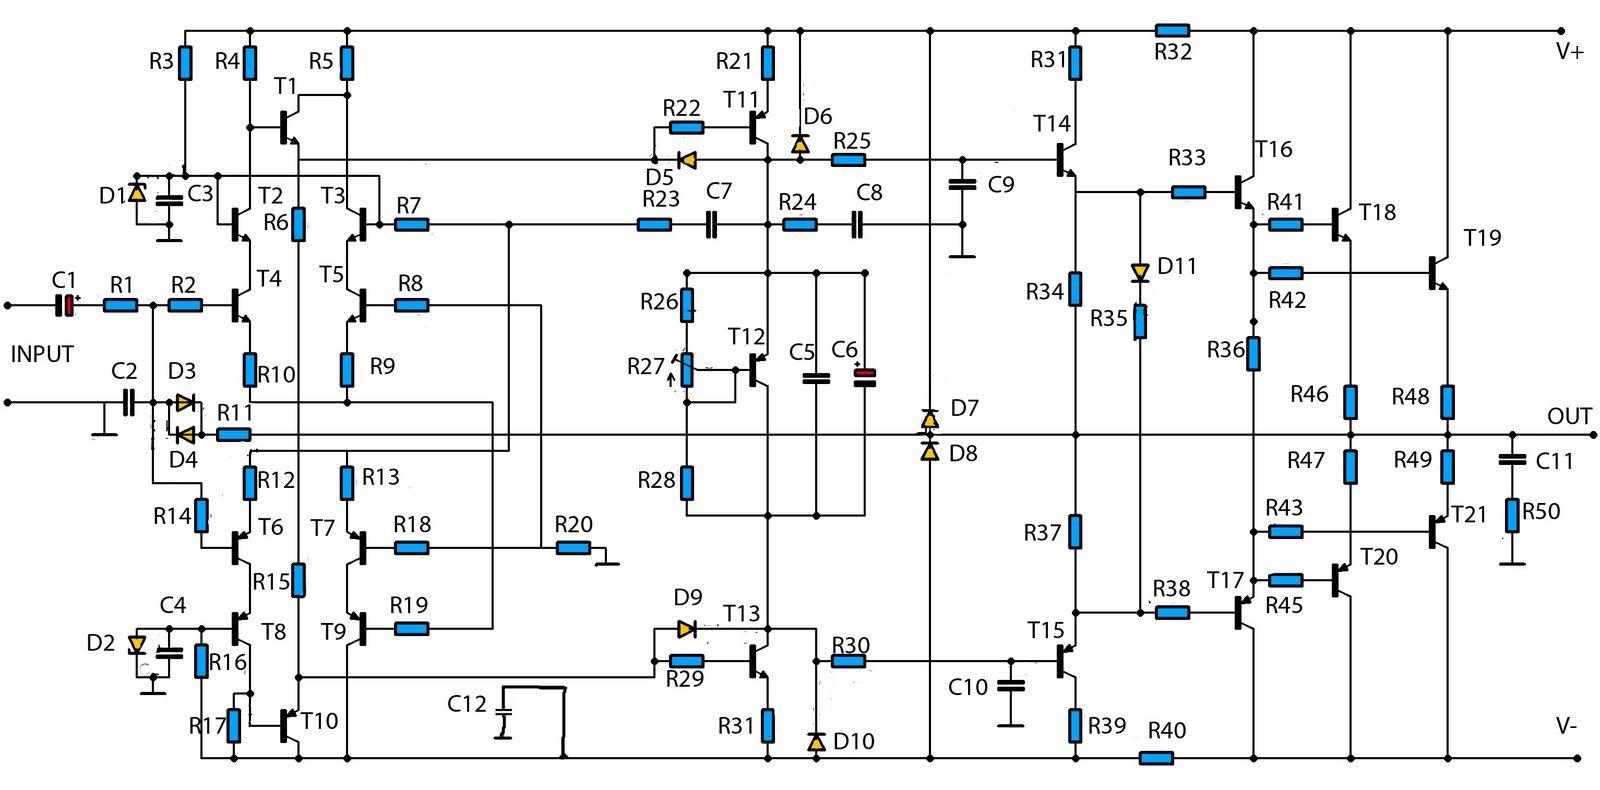 1400w high power audio amp schematic [ 1600 x 790 Pixel ]